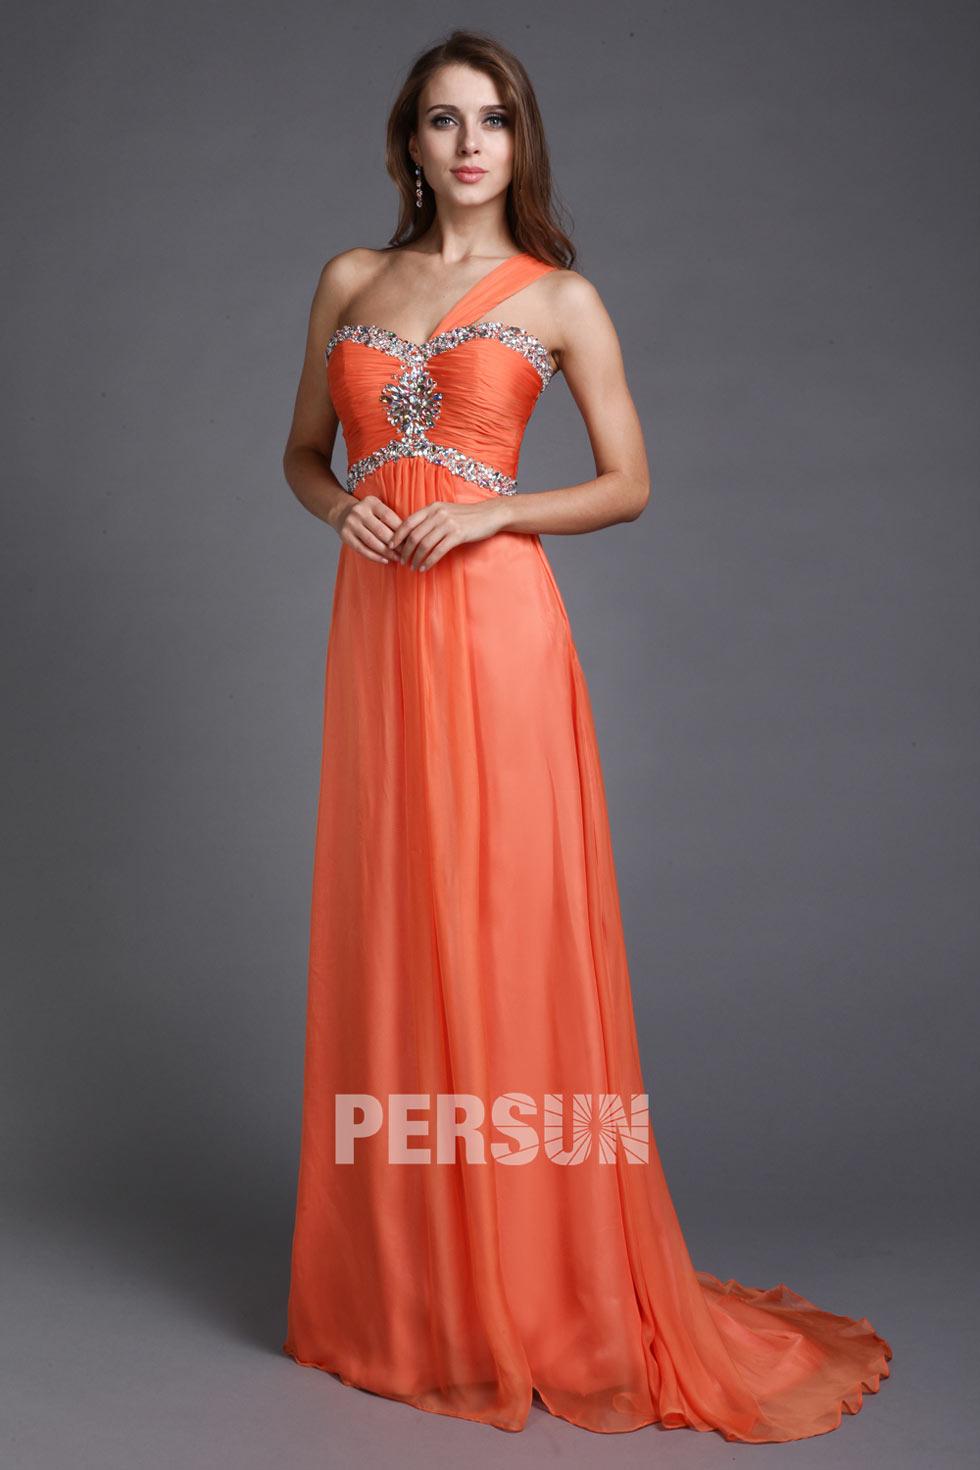 Robe orange empire décolleté en coeur ornée de bijoux